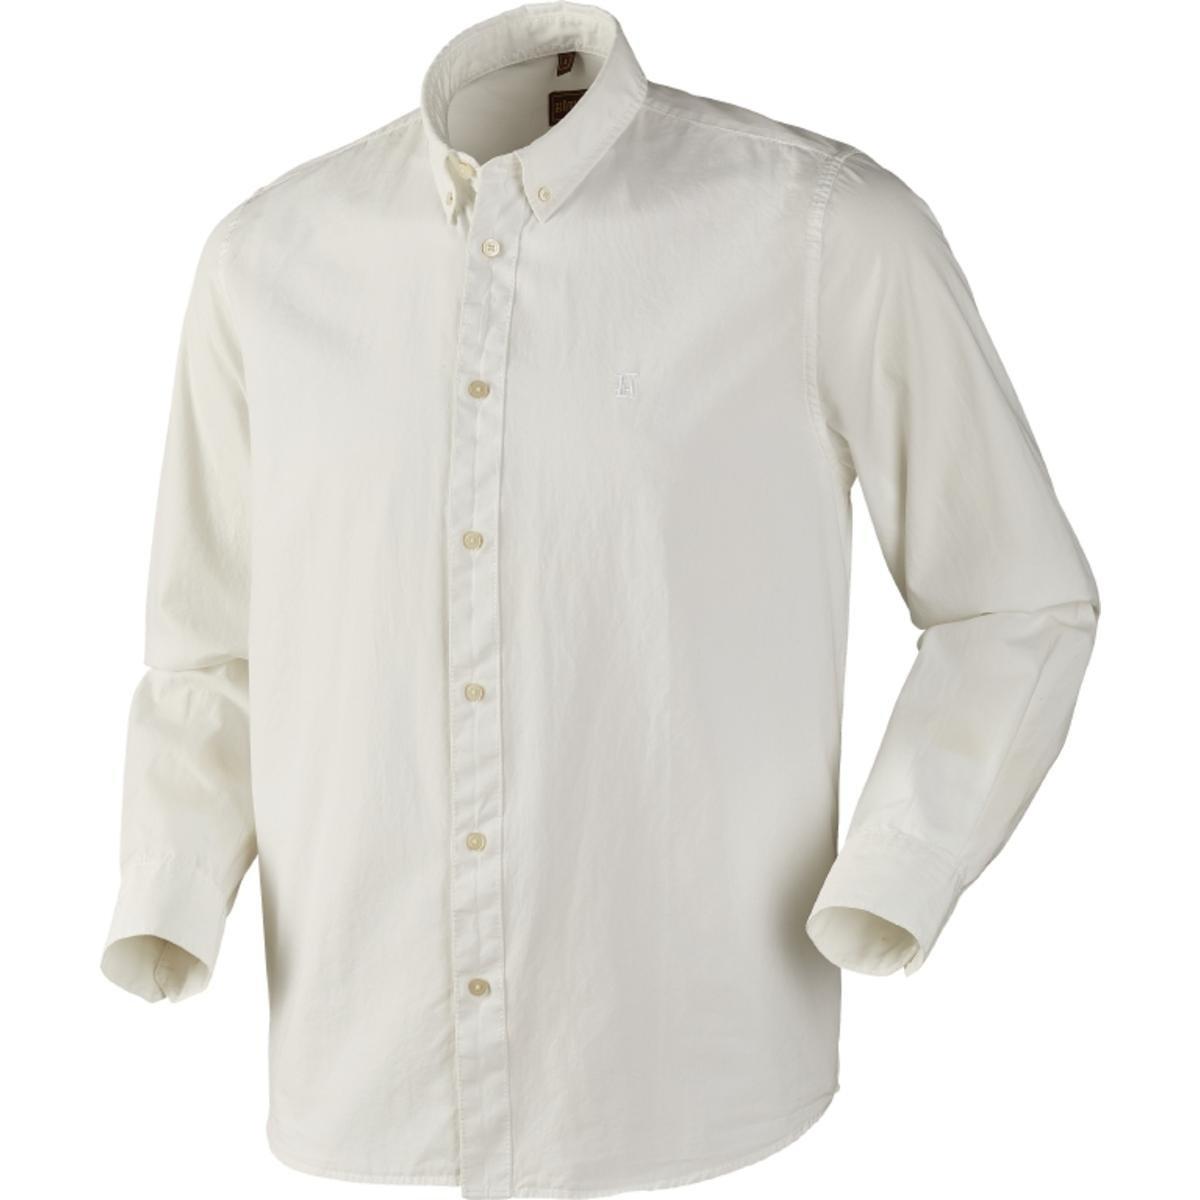 Promoción por tiempo limitado Harkila jomsborg Camisa Blanca - Blanco, X-Large